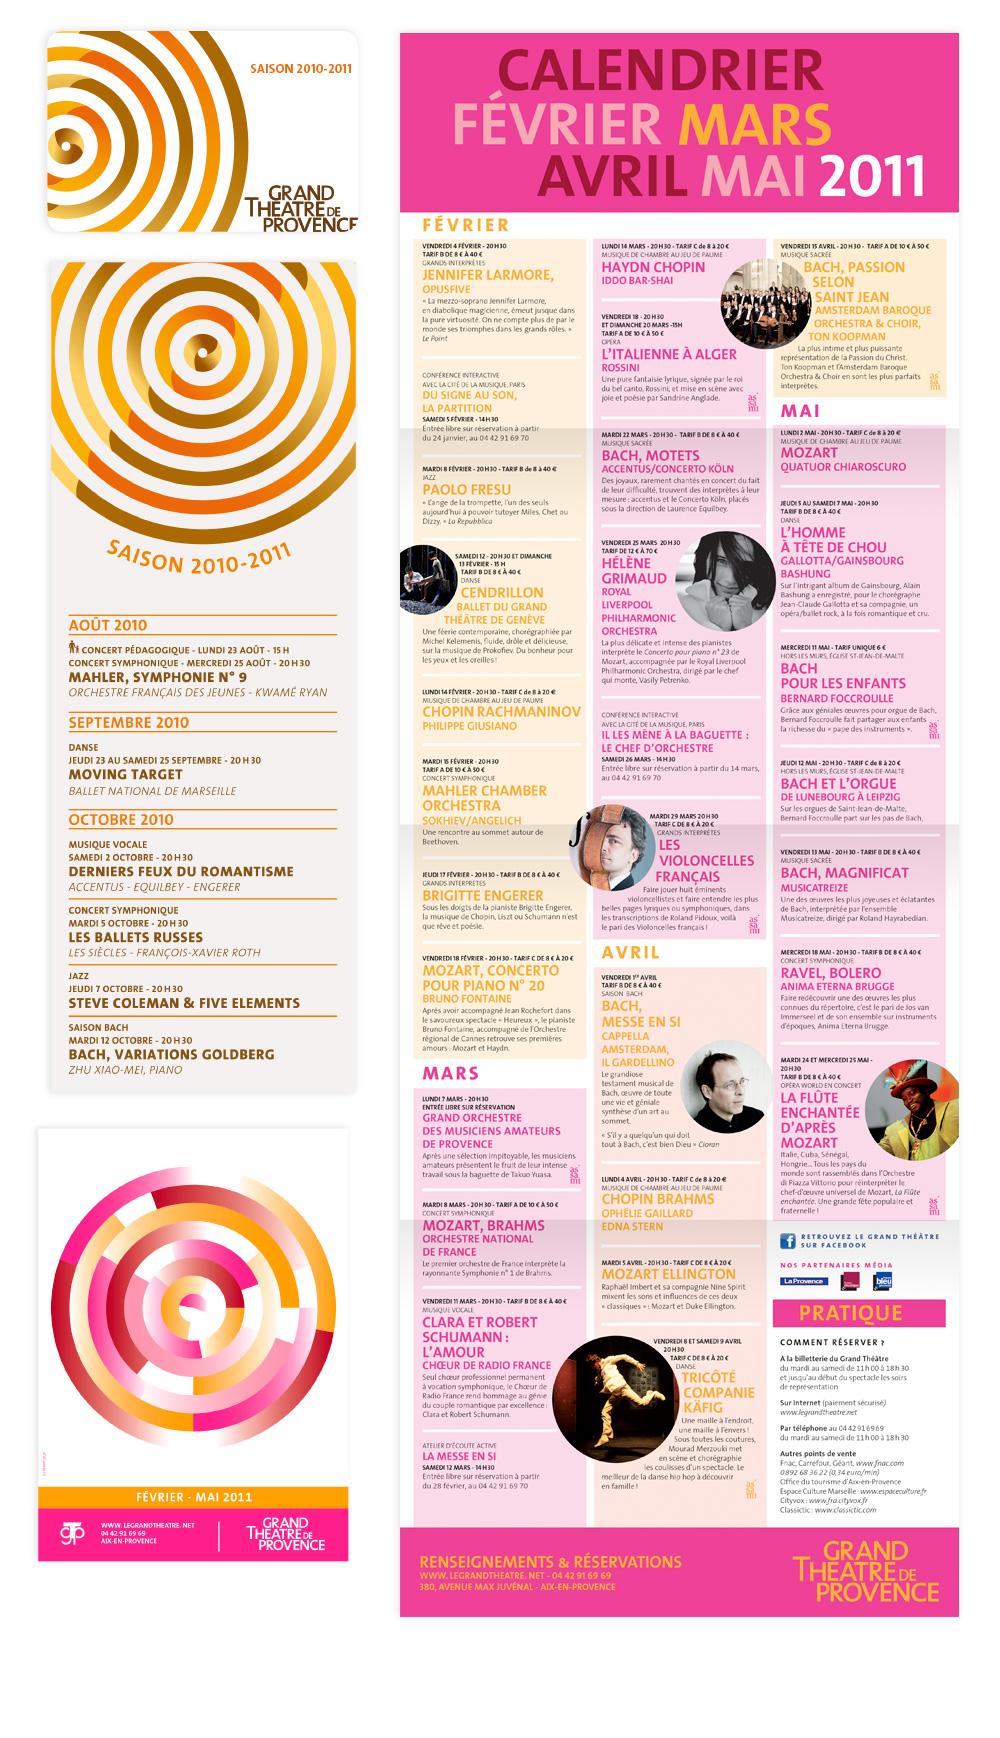 identité de saison 2010-2011 Grand theatre de provence